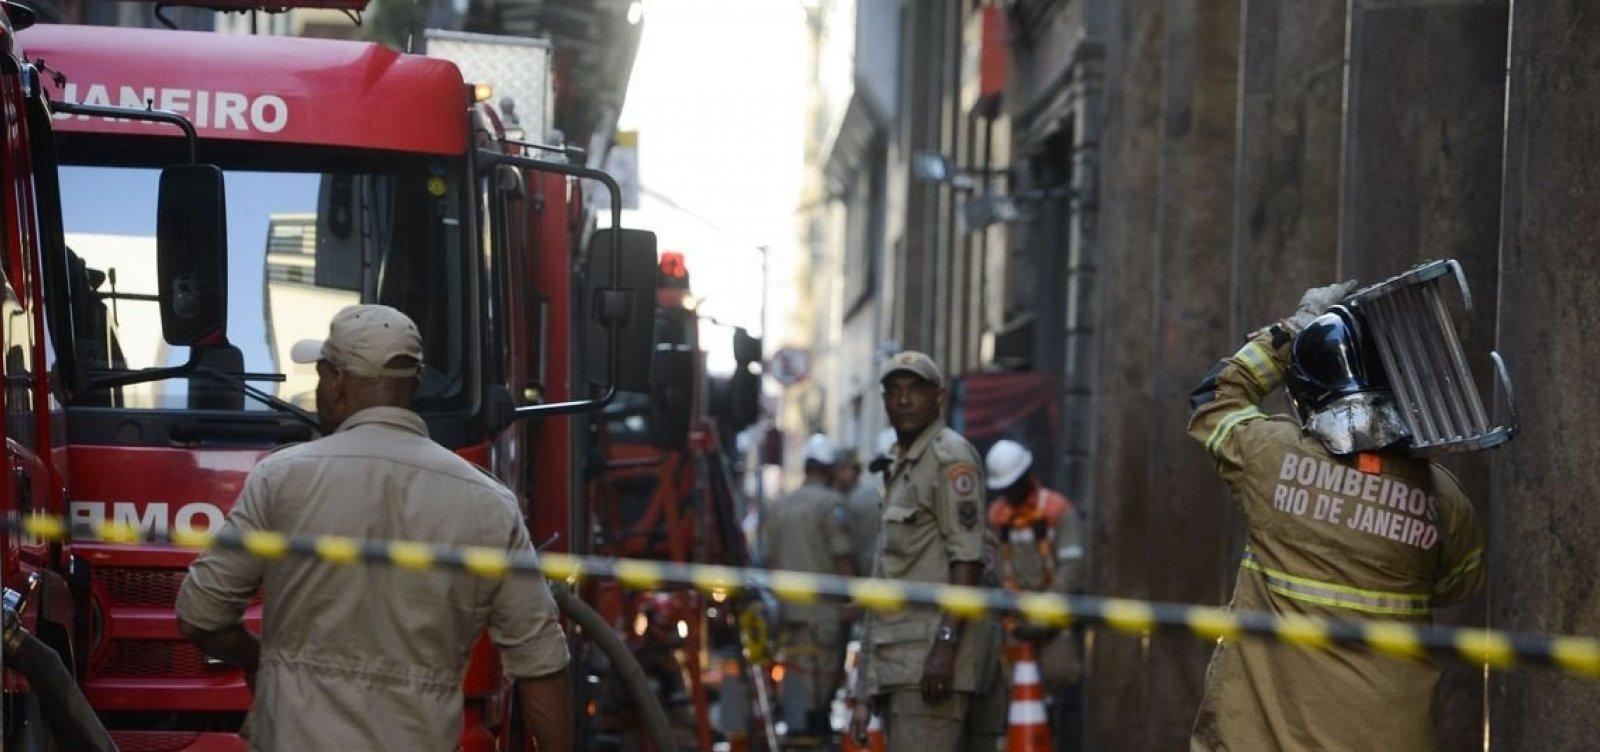 Defesa Civil interdita Whiskeria Quatro por Quatro no Rio de Janeiro